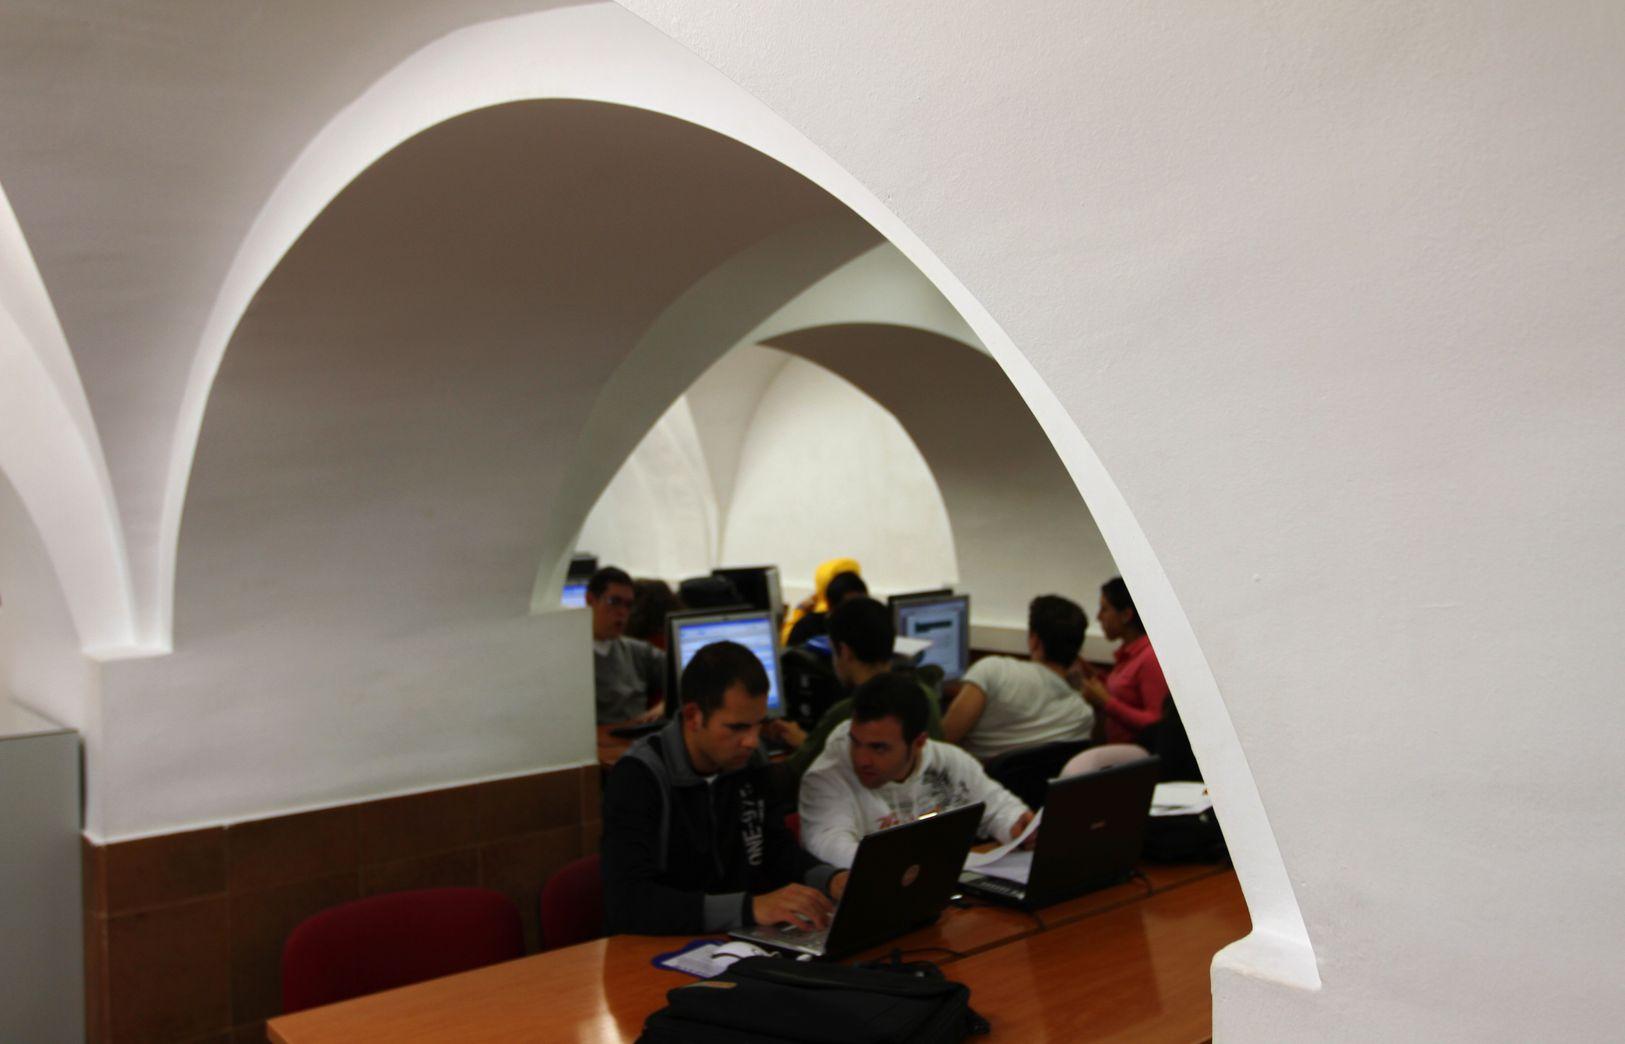 Hemeroteca estudiantes estudiando blanca_result.jpg